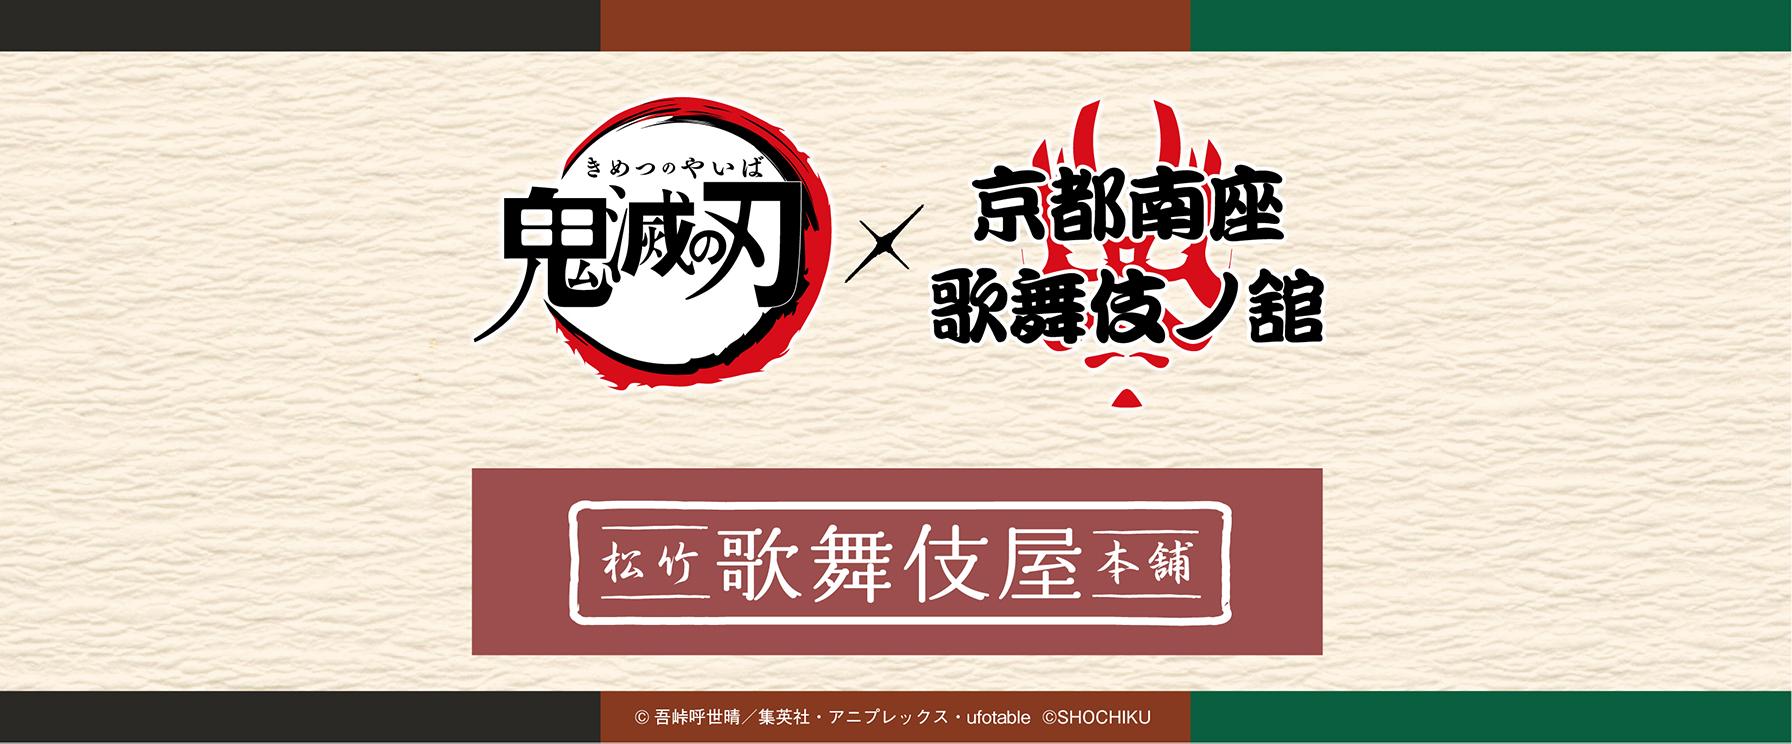 【12月30日(水)】「鬼滅の刃 × 京都南座 歌舞伎ノ舘」コラボグッズ事後物販